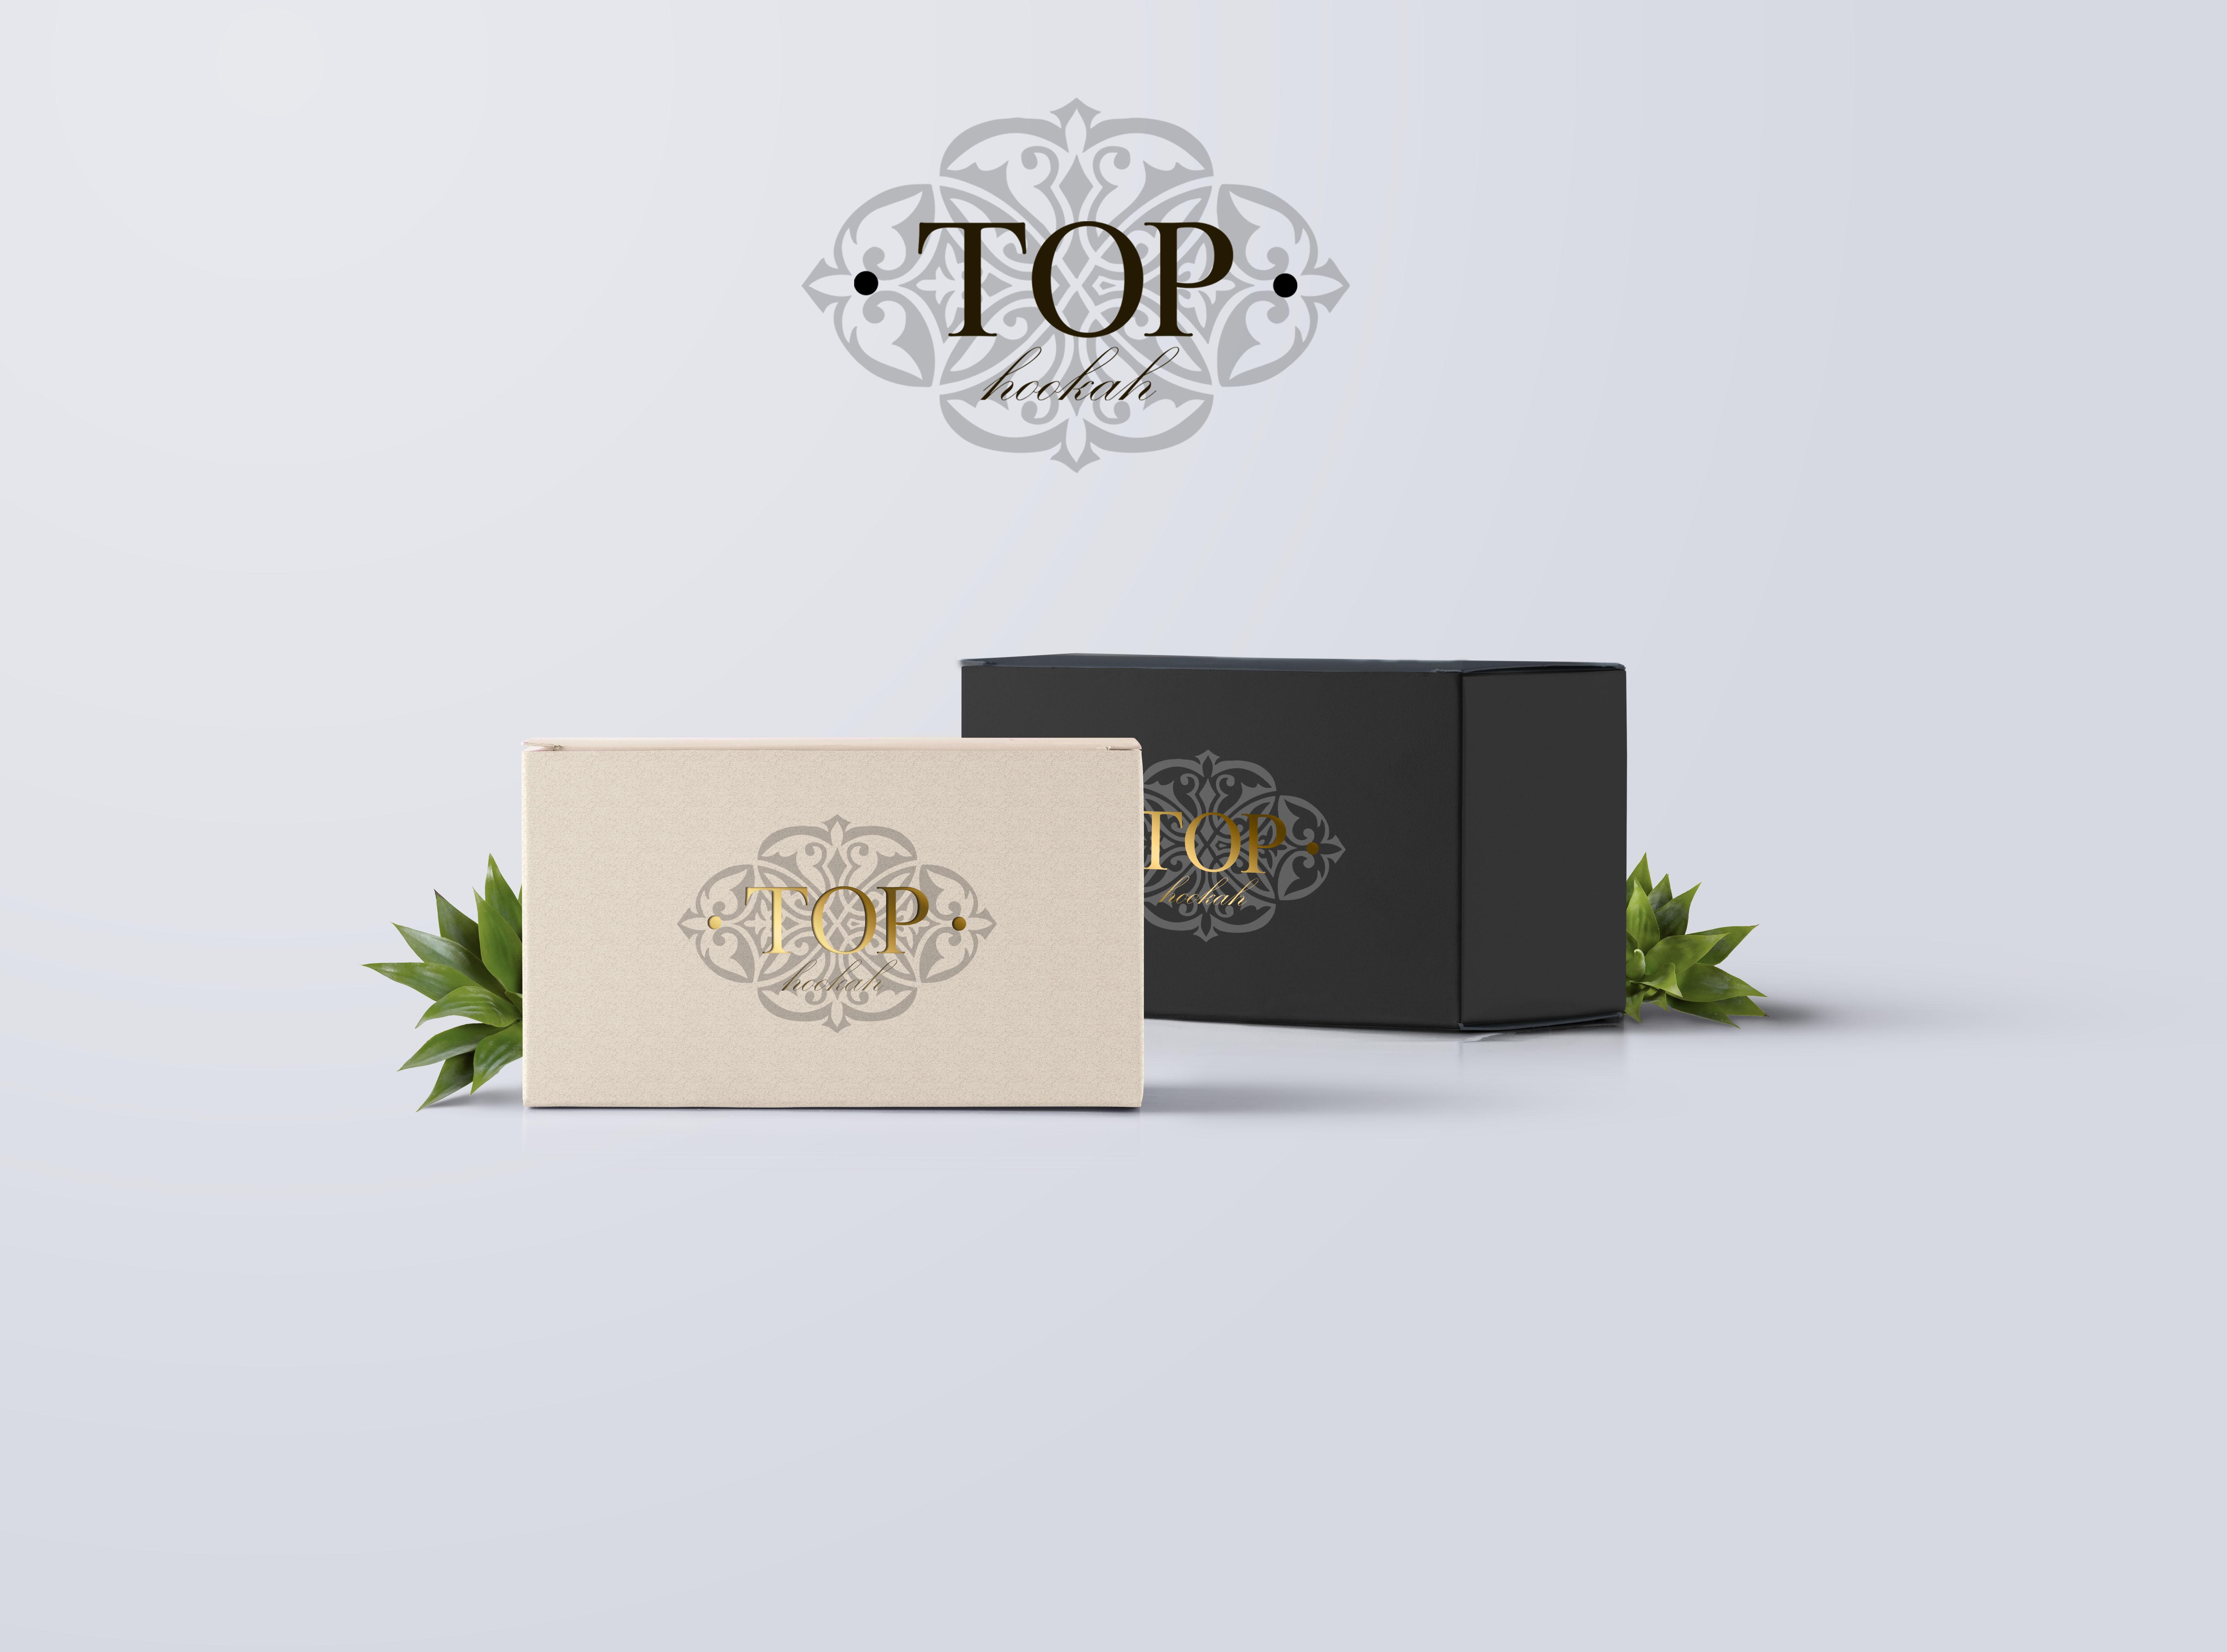 Разработка дизайна коробки, фирменного стиля, логотипа. фото f_4565c5d5cb6d59e6.jpg